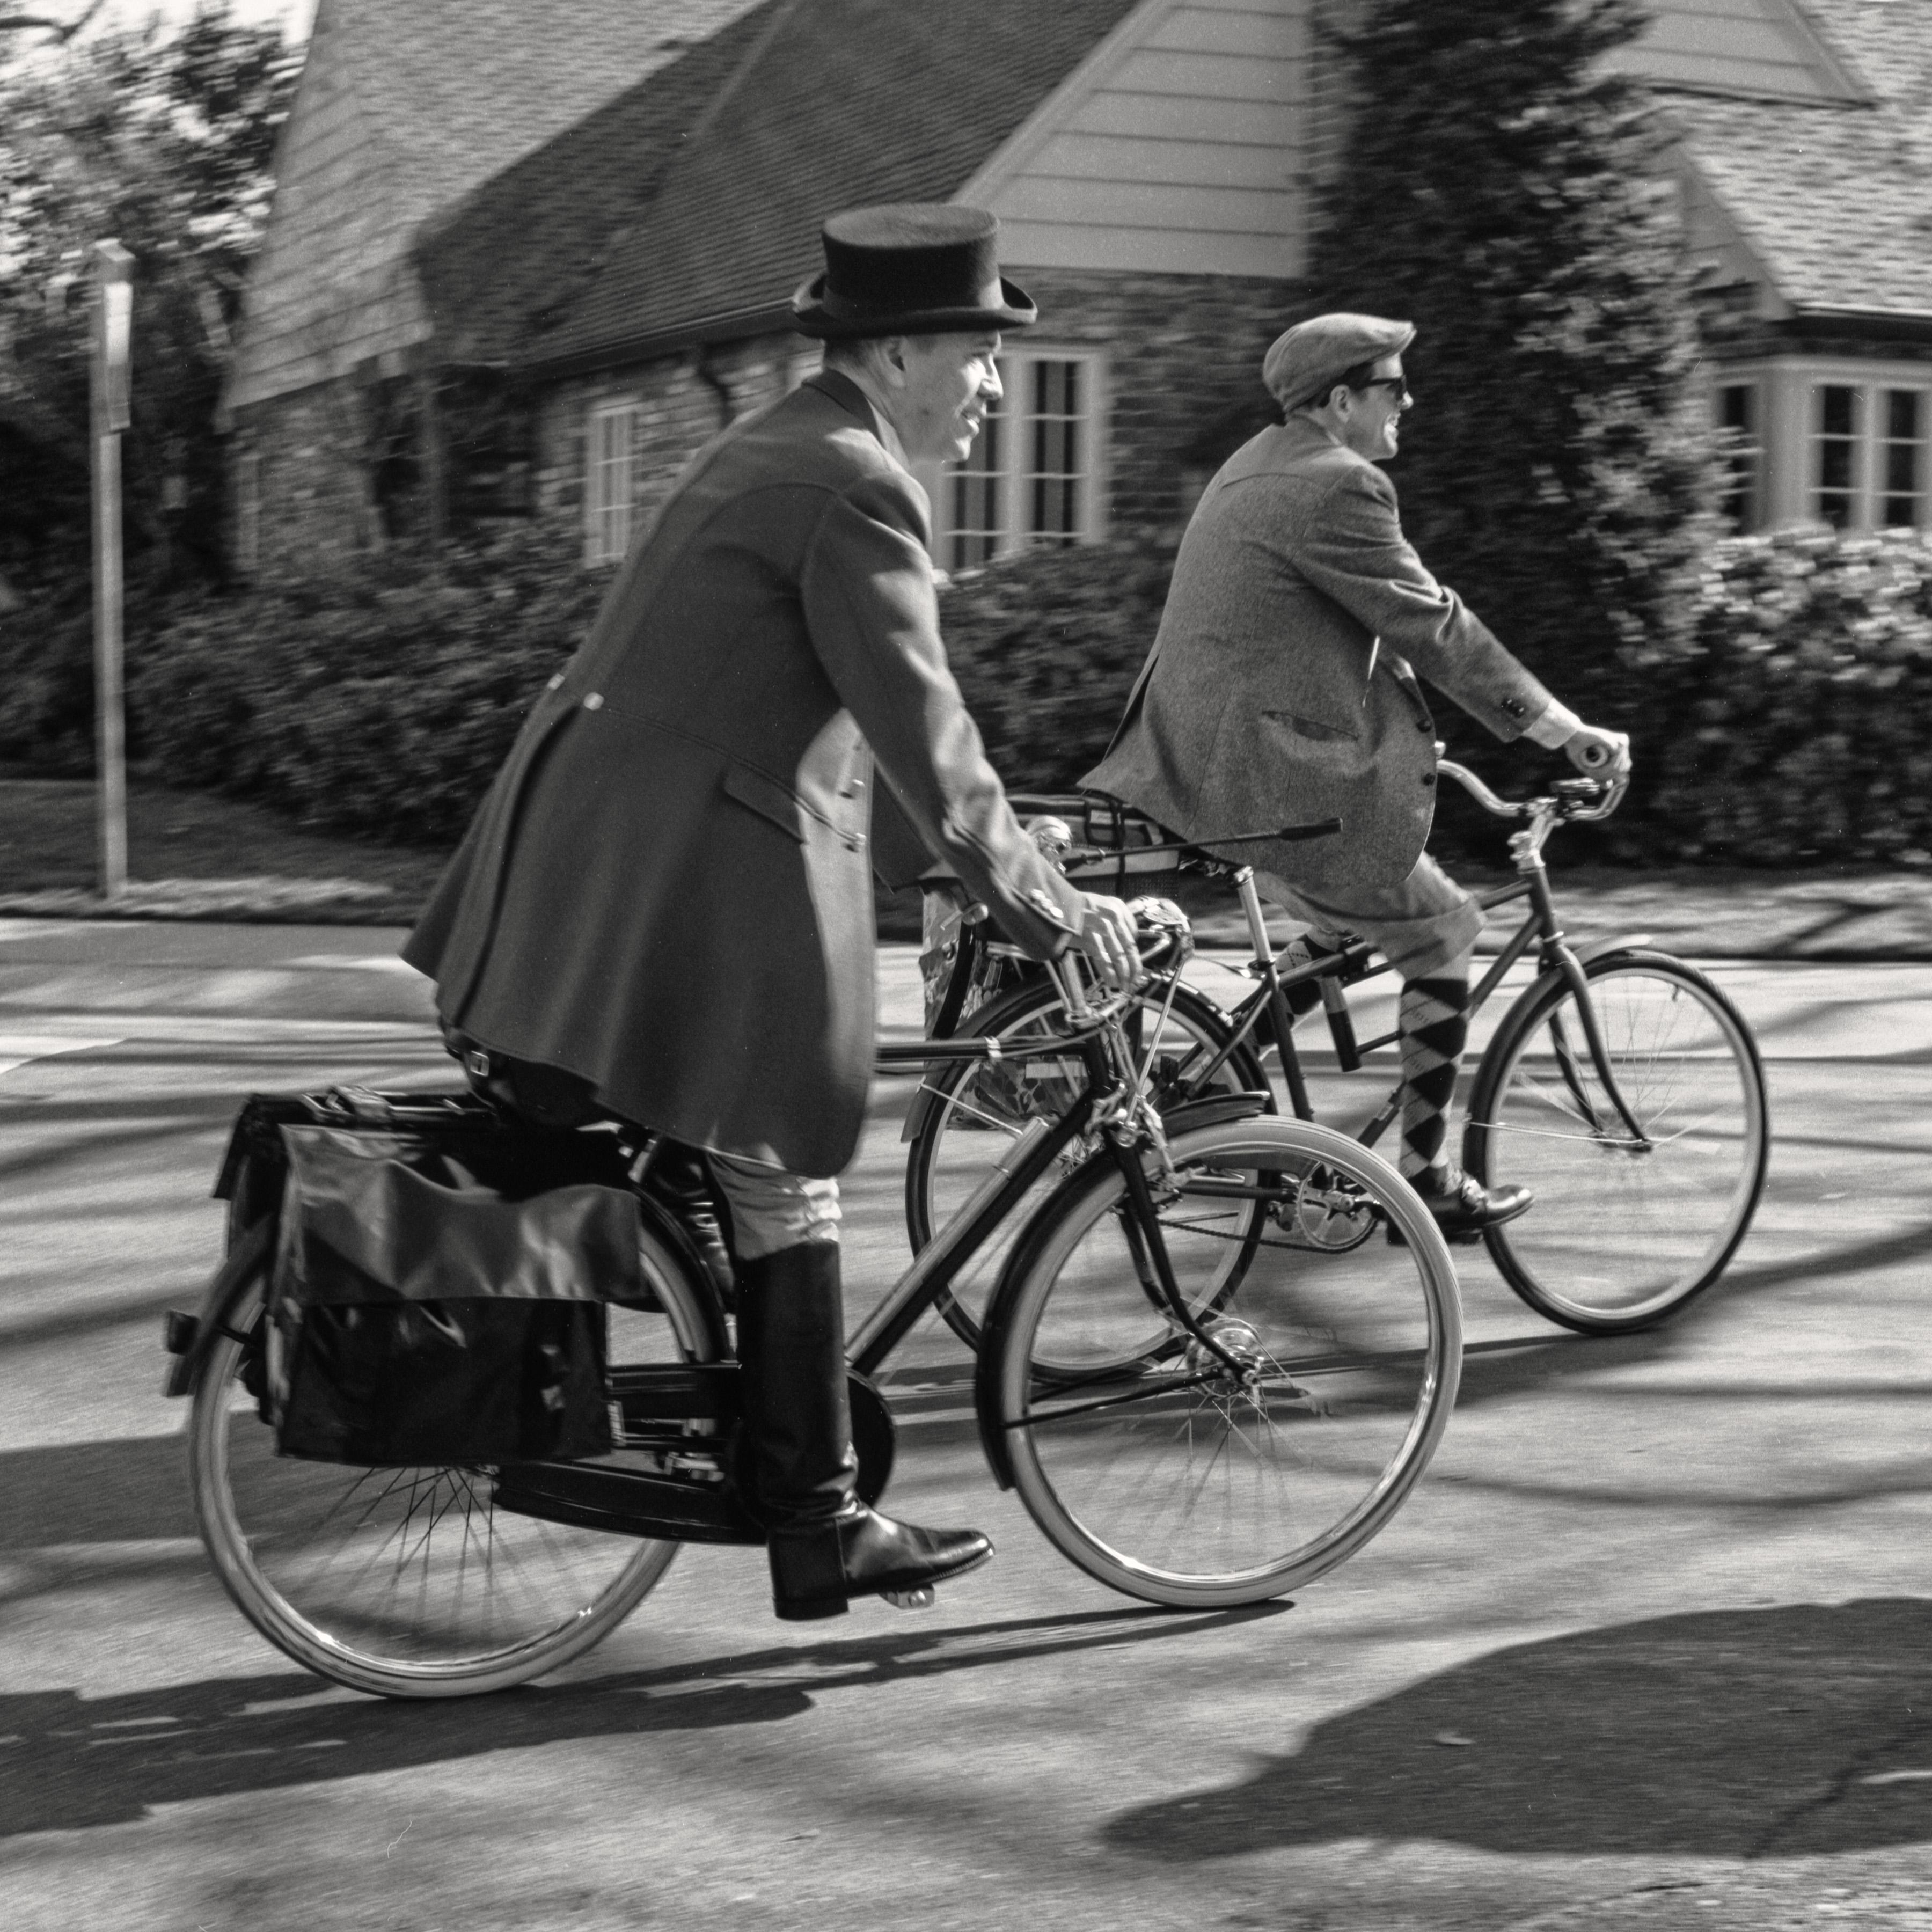 для лечения черно белые ретро фото велосипеды что обратить